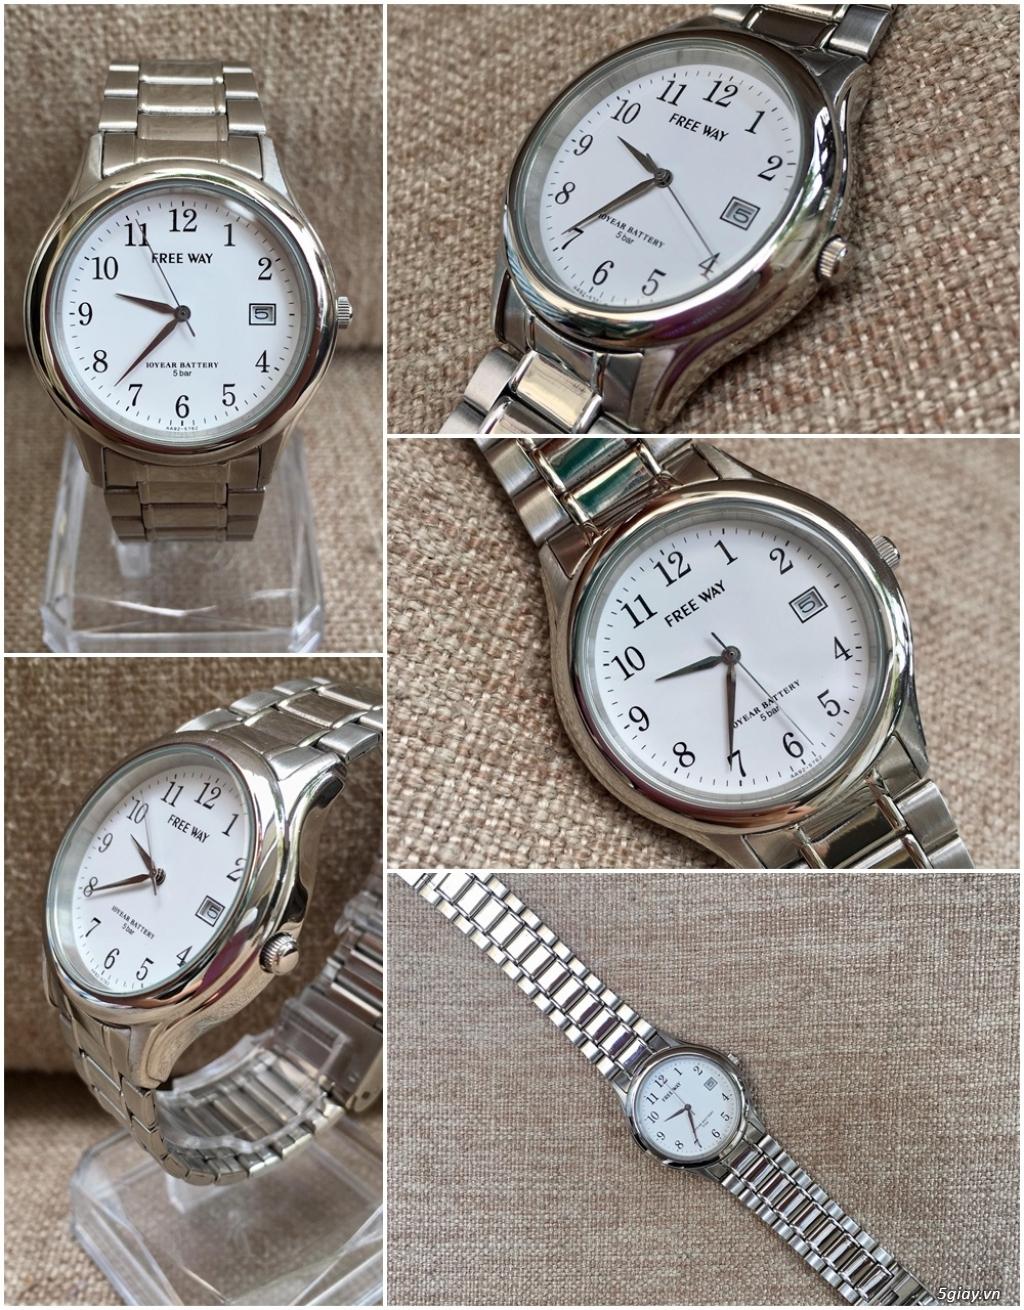 Kho đồng hồ  chính hãng secondhand update liên tục - 22